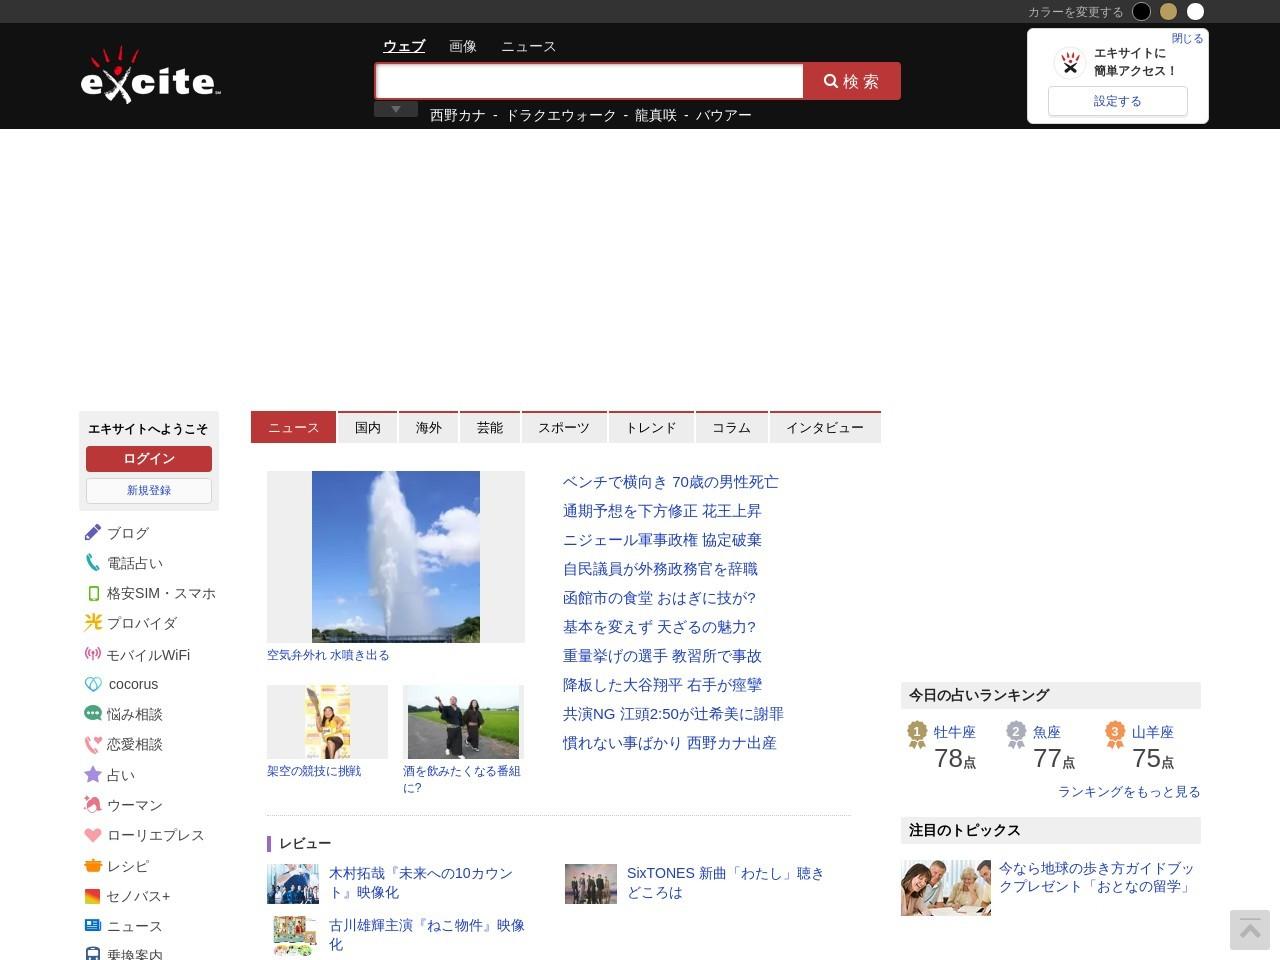 田口淳之介、逮捕で「レーベルのアーティストページも消滅!」までの裏事情